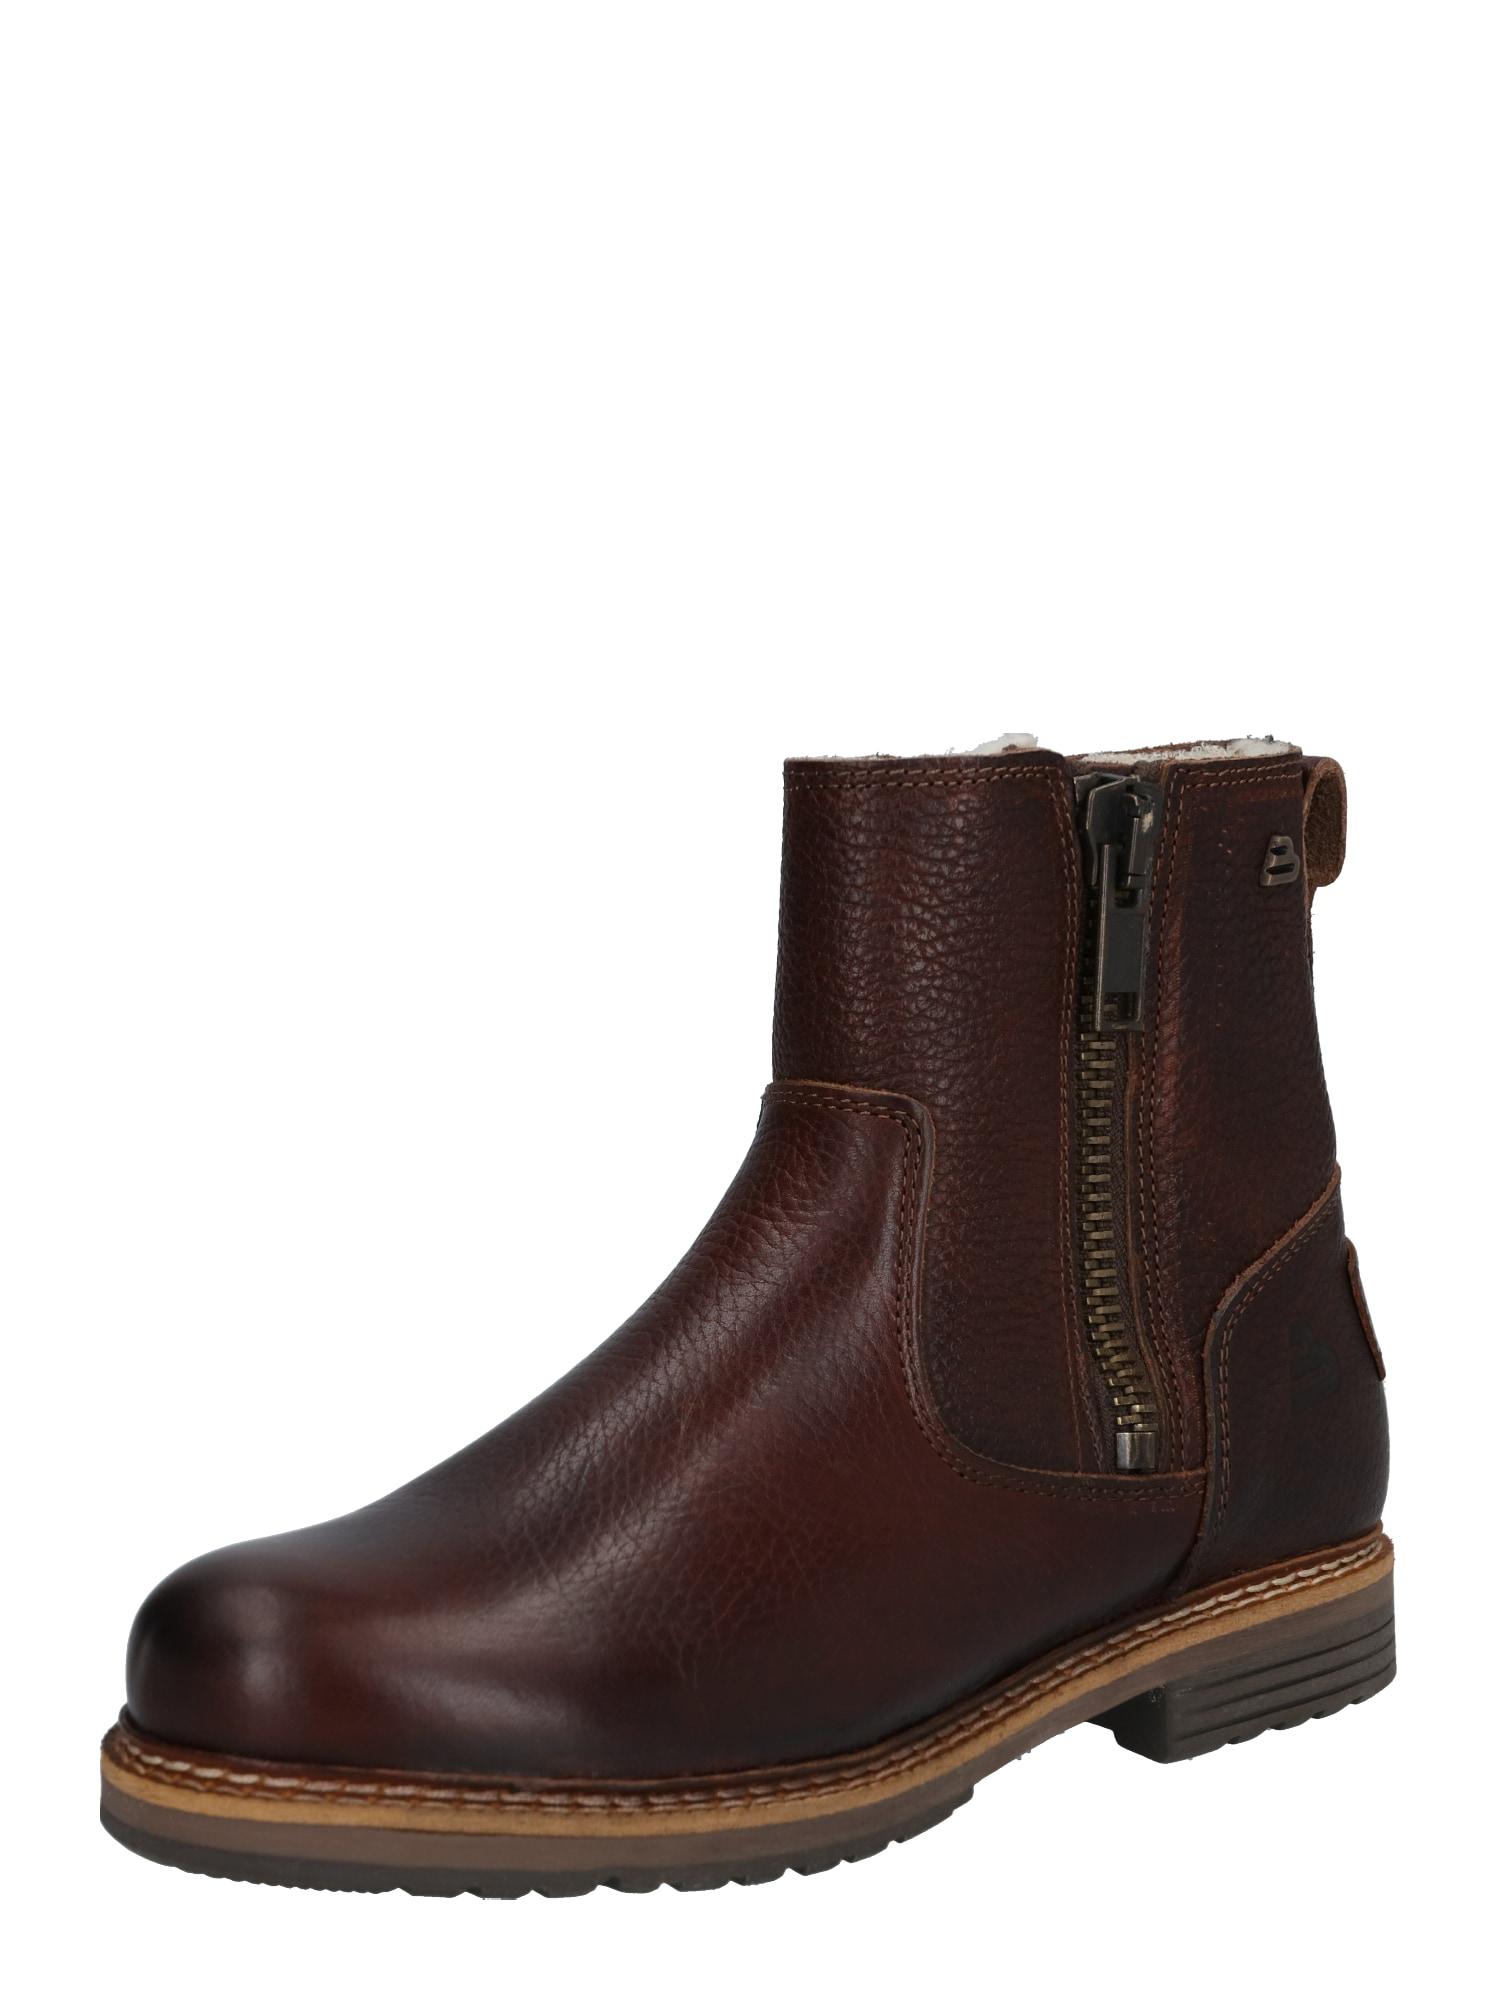 BULLBOXER Auliniai batai tamsiai ruda